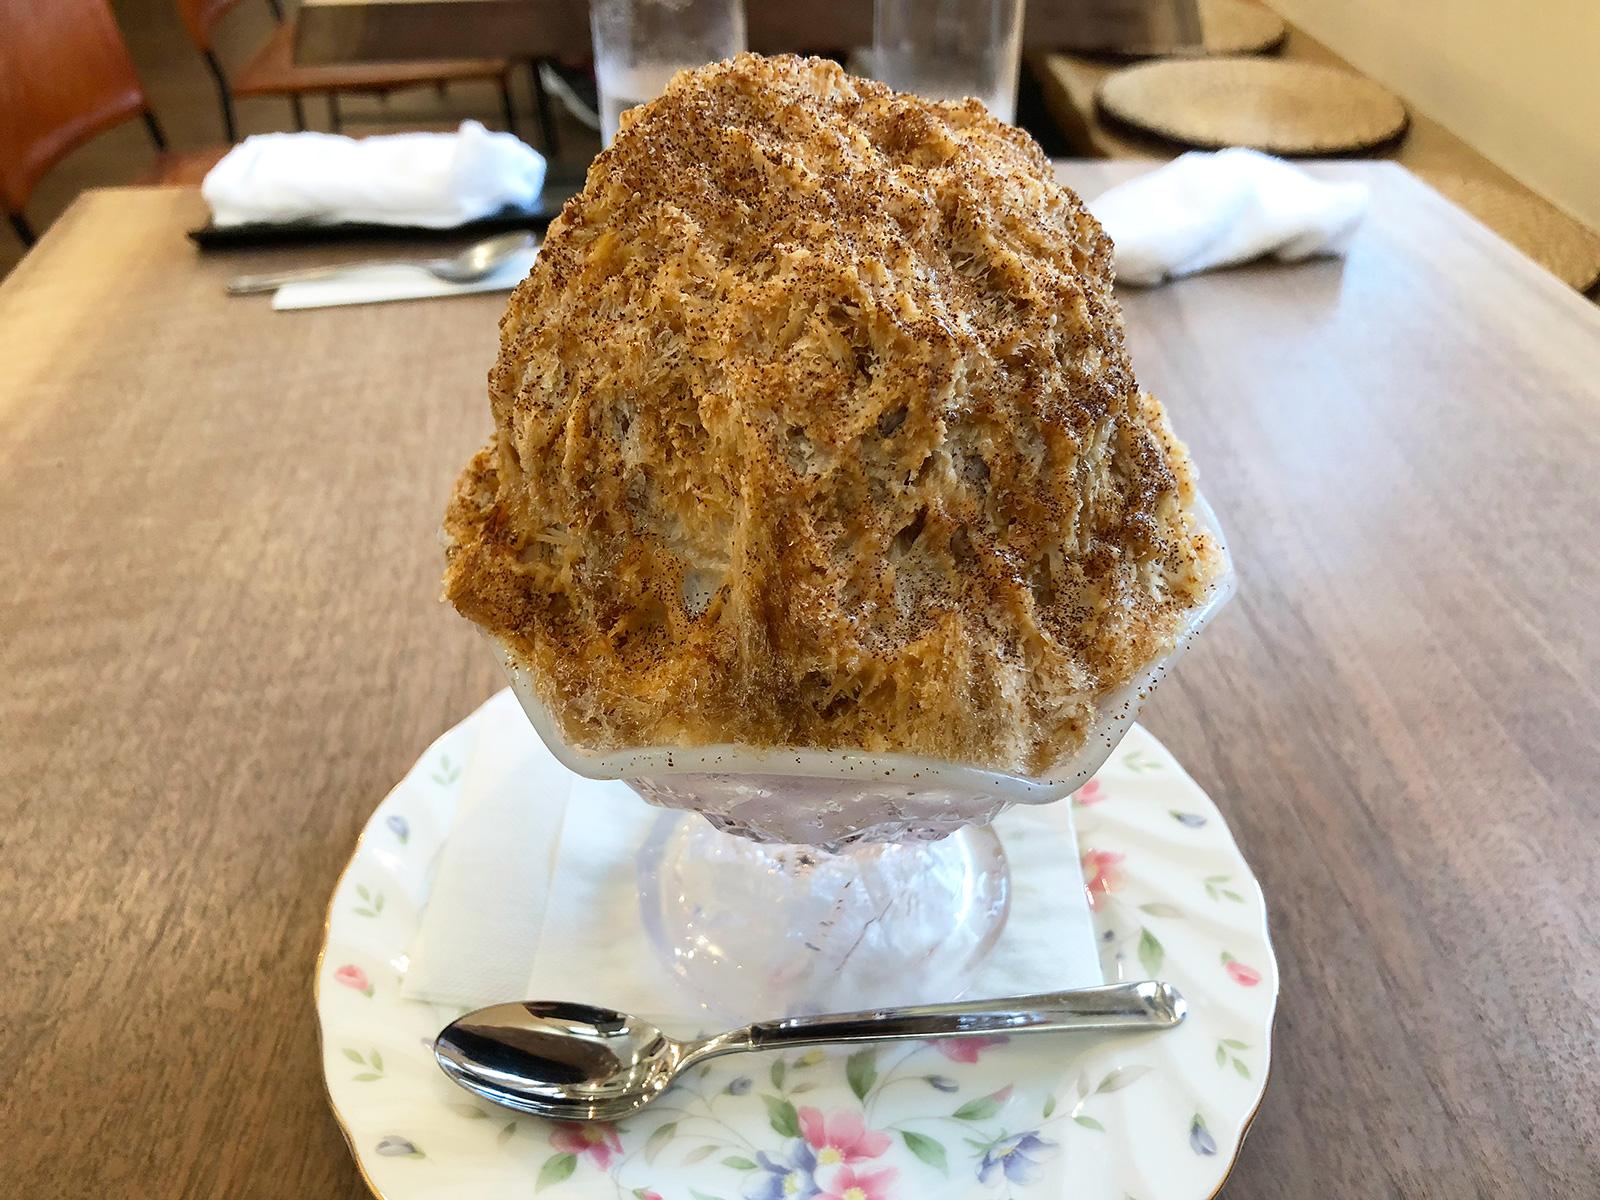 「モントルイユ マノン」のステーキ丼とかき氷 @志賀本通